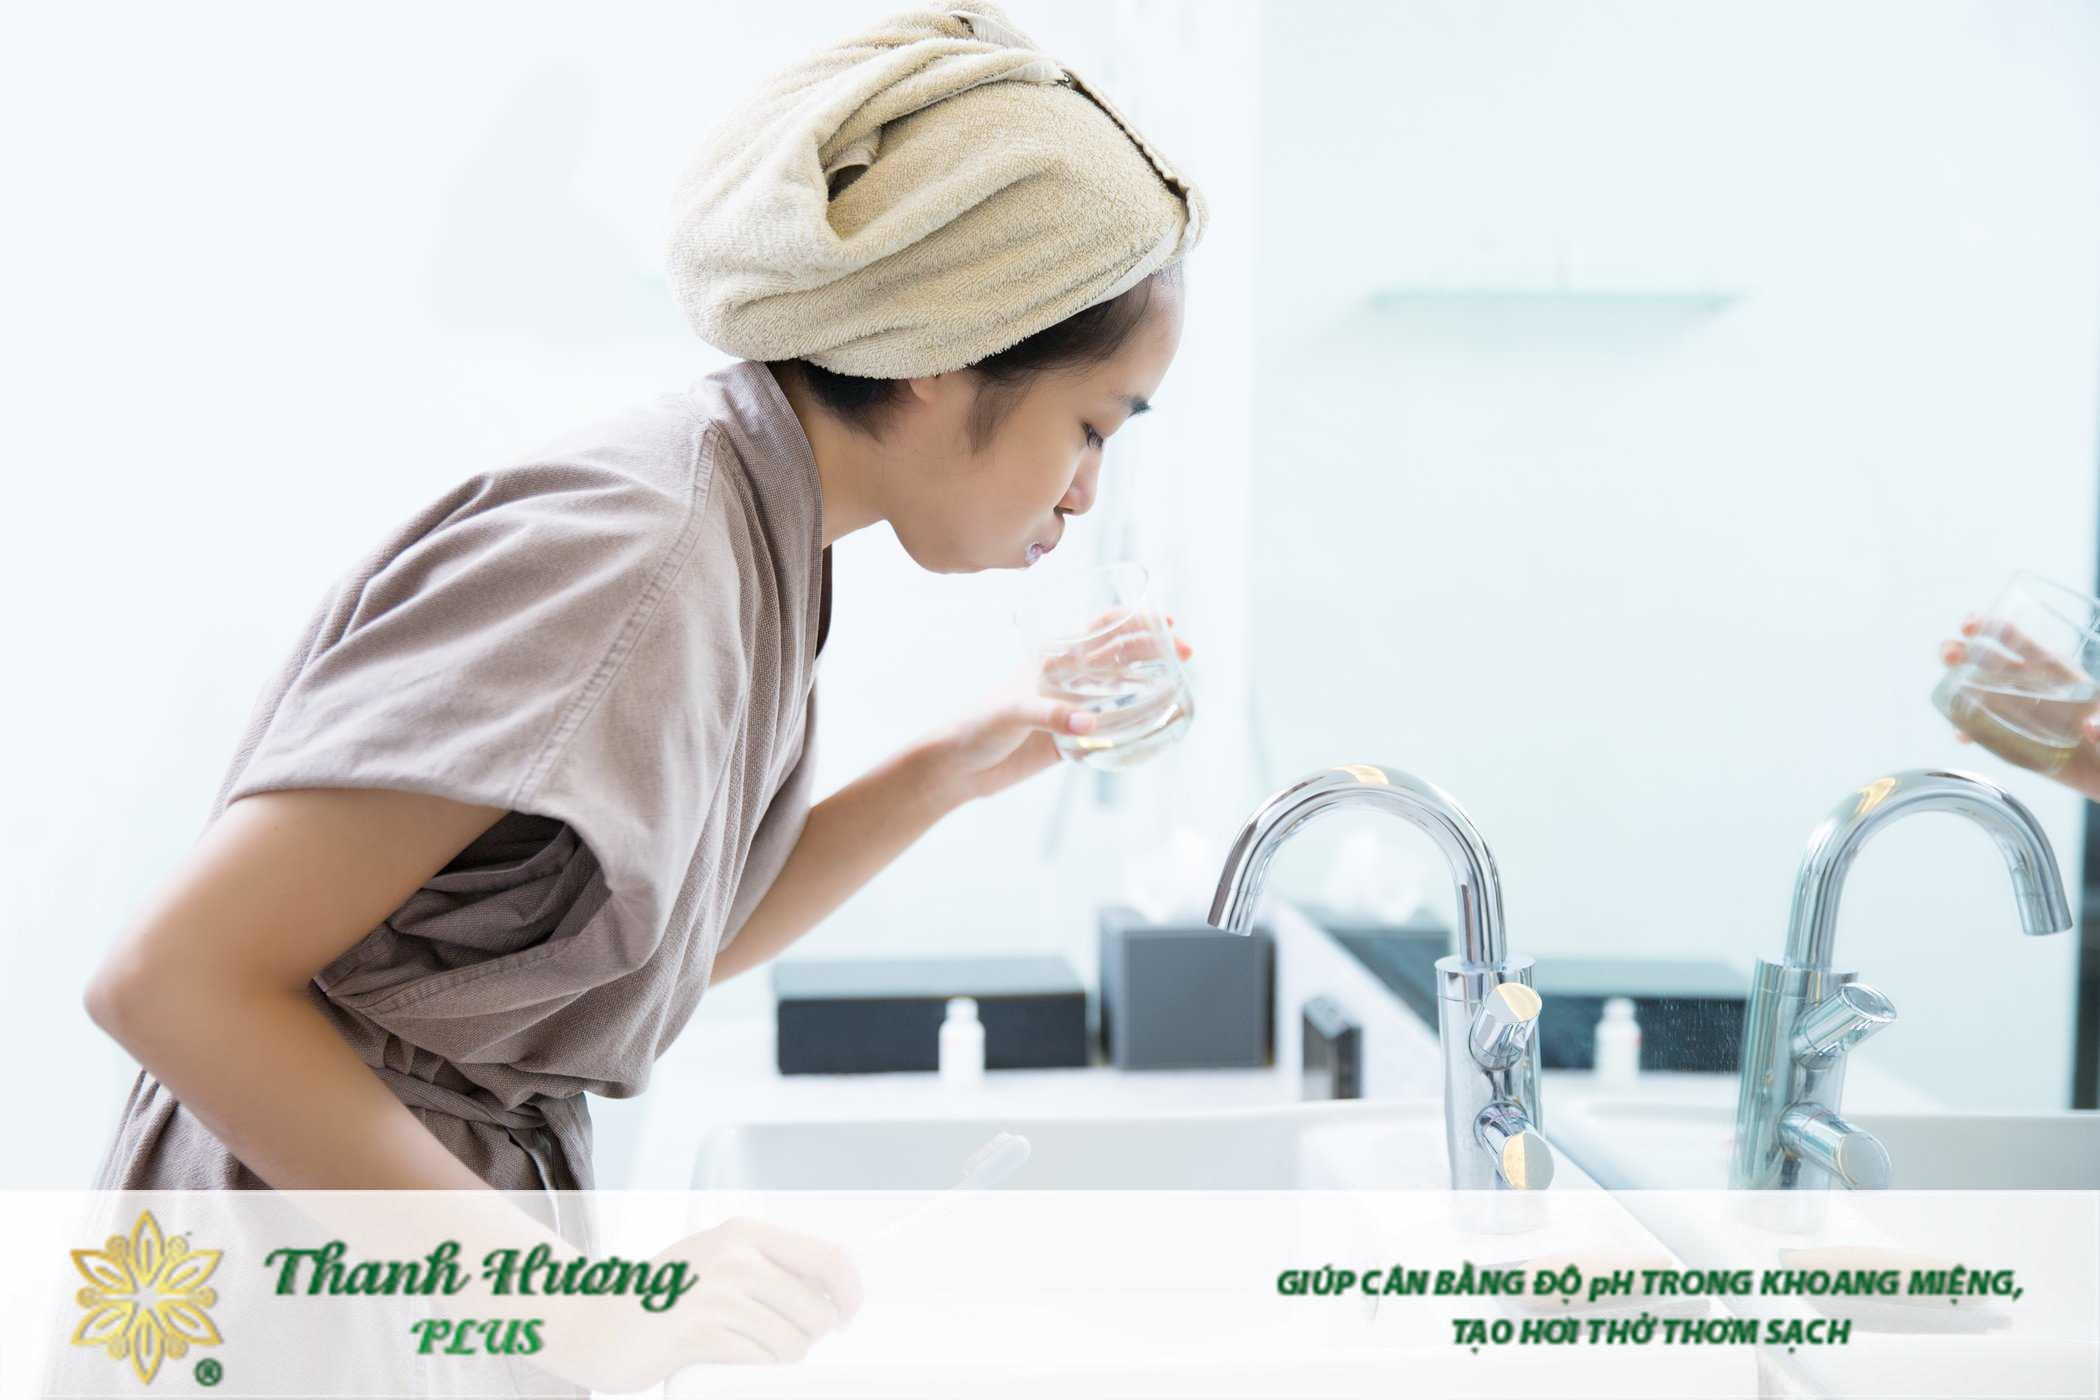 Súc miệng nước muối đúng cách sẽ cho hiệu quả tốt nhất